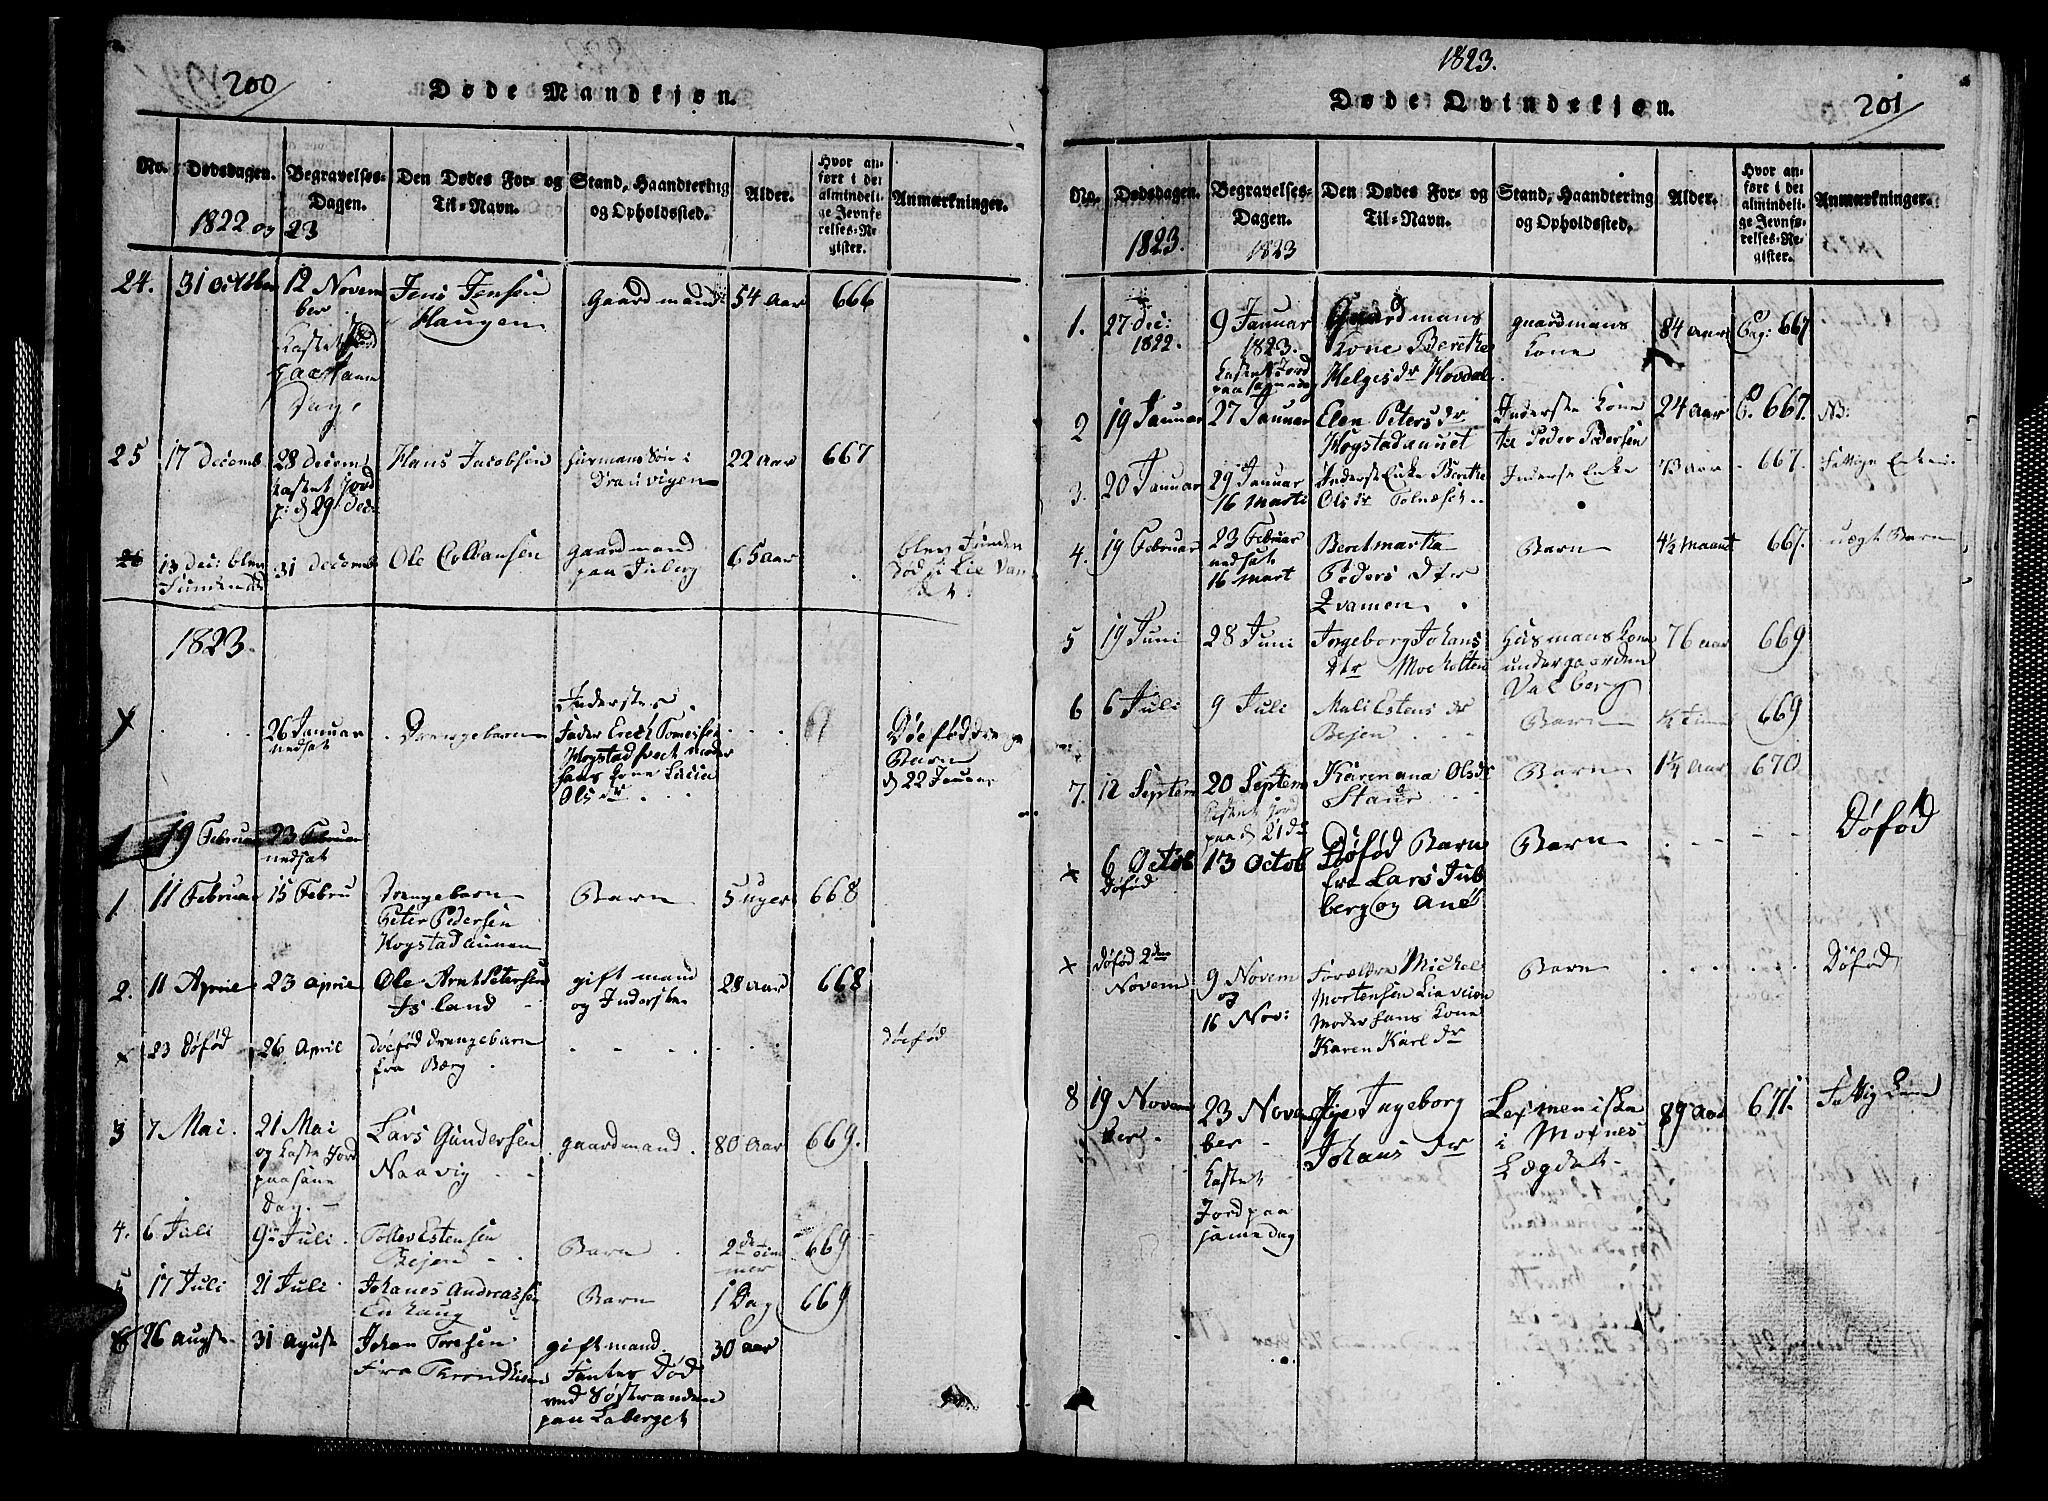 SAT, Ministerialprotokoller, klokkerbøker og fødselsregistre - Nord-Trøndelag, 713/L0124: Klokkerbok nr. 713C01, 1817-1827, s. 200-201